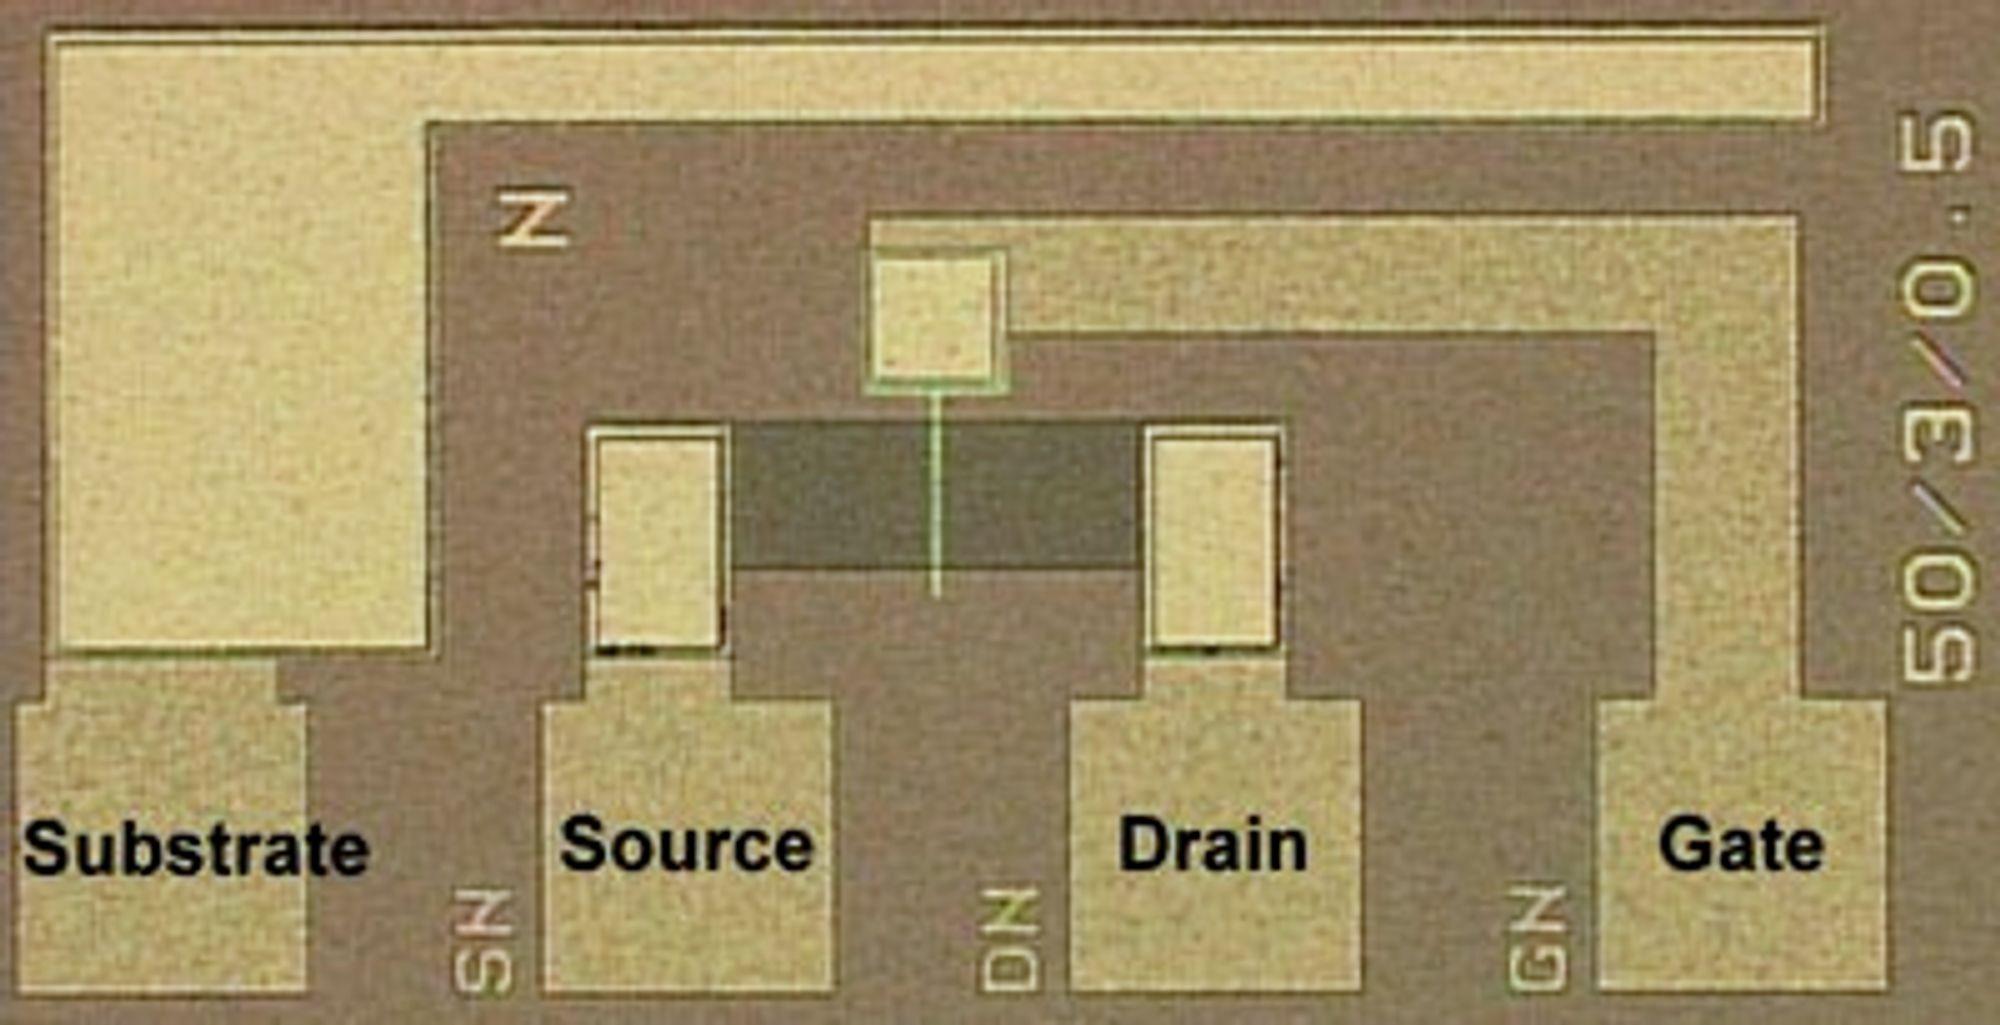 Optisk mikroskopisk bilde av FeFET for Fe-NAND flashminne. Portlengden og bredden er henholdsvis 3 og 50 µm.